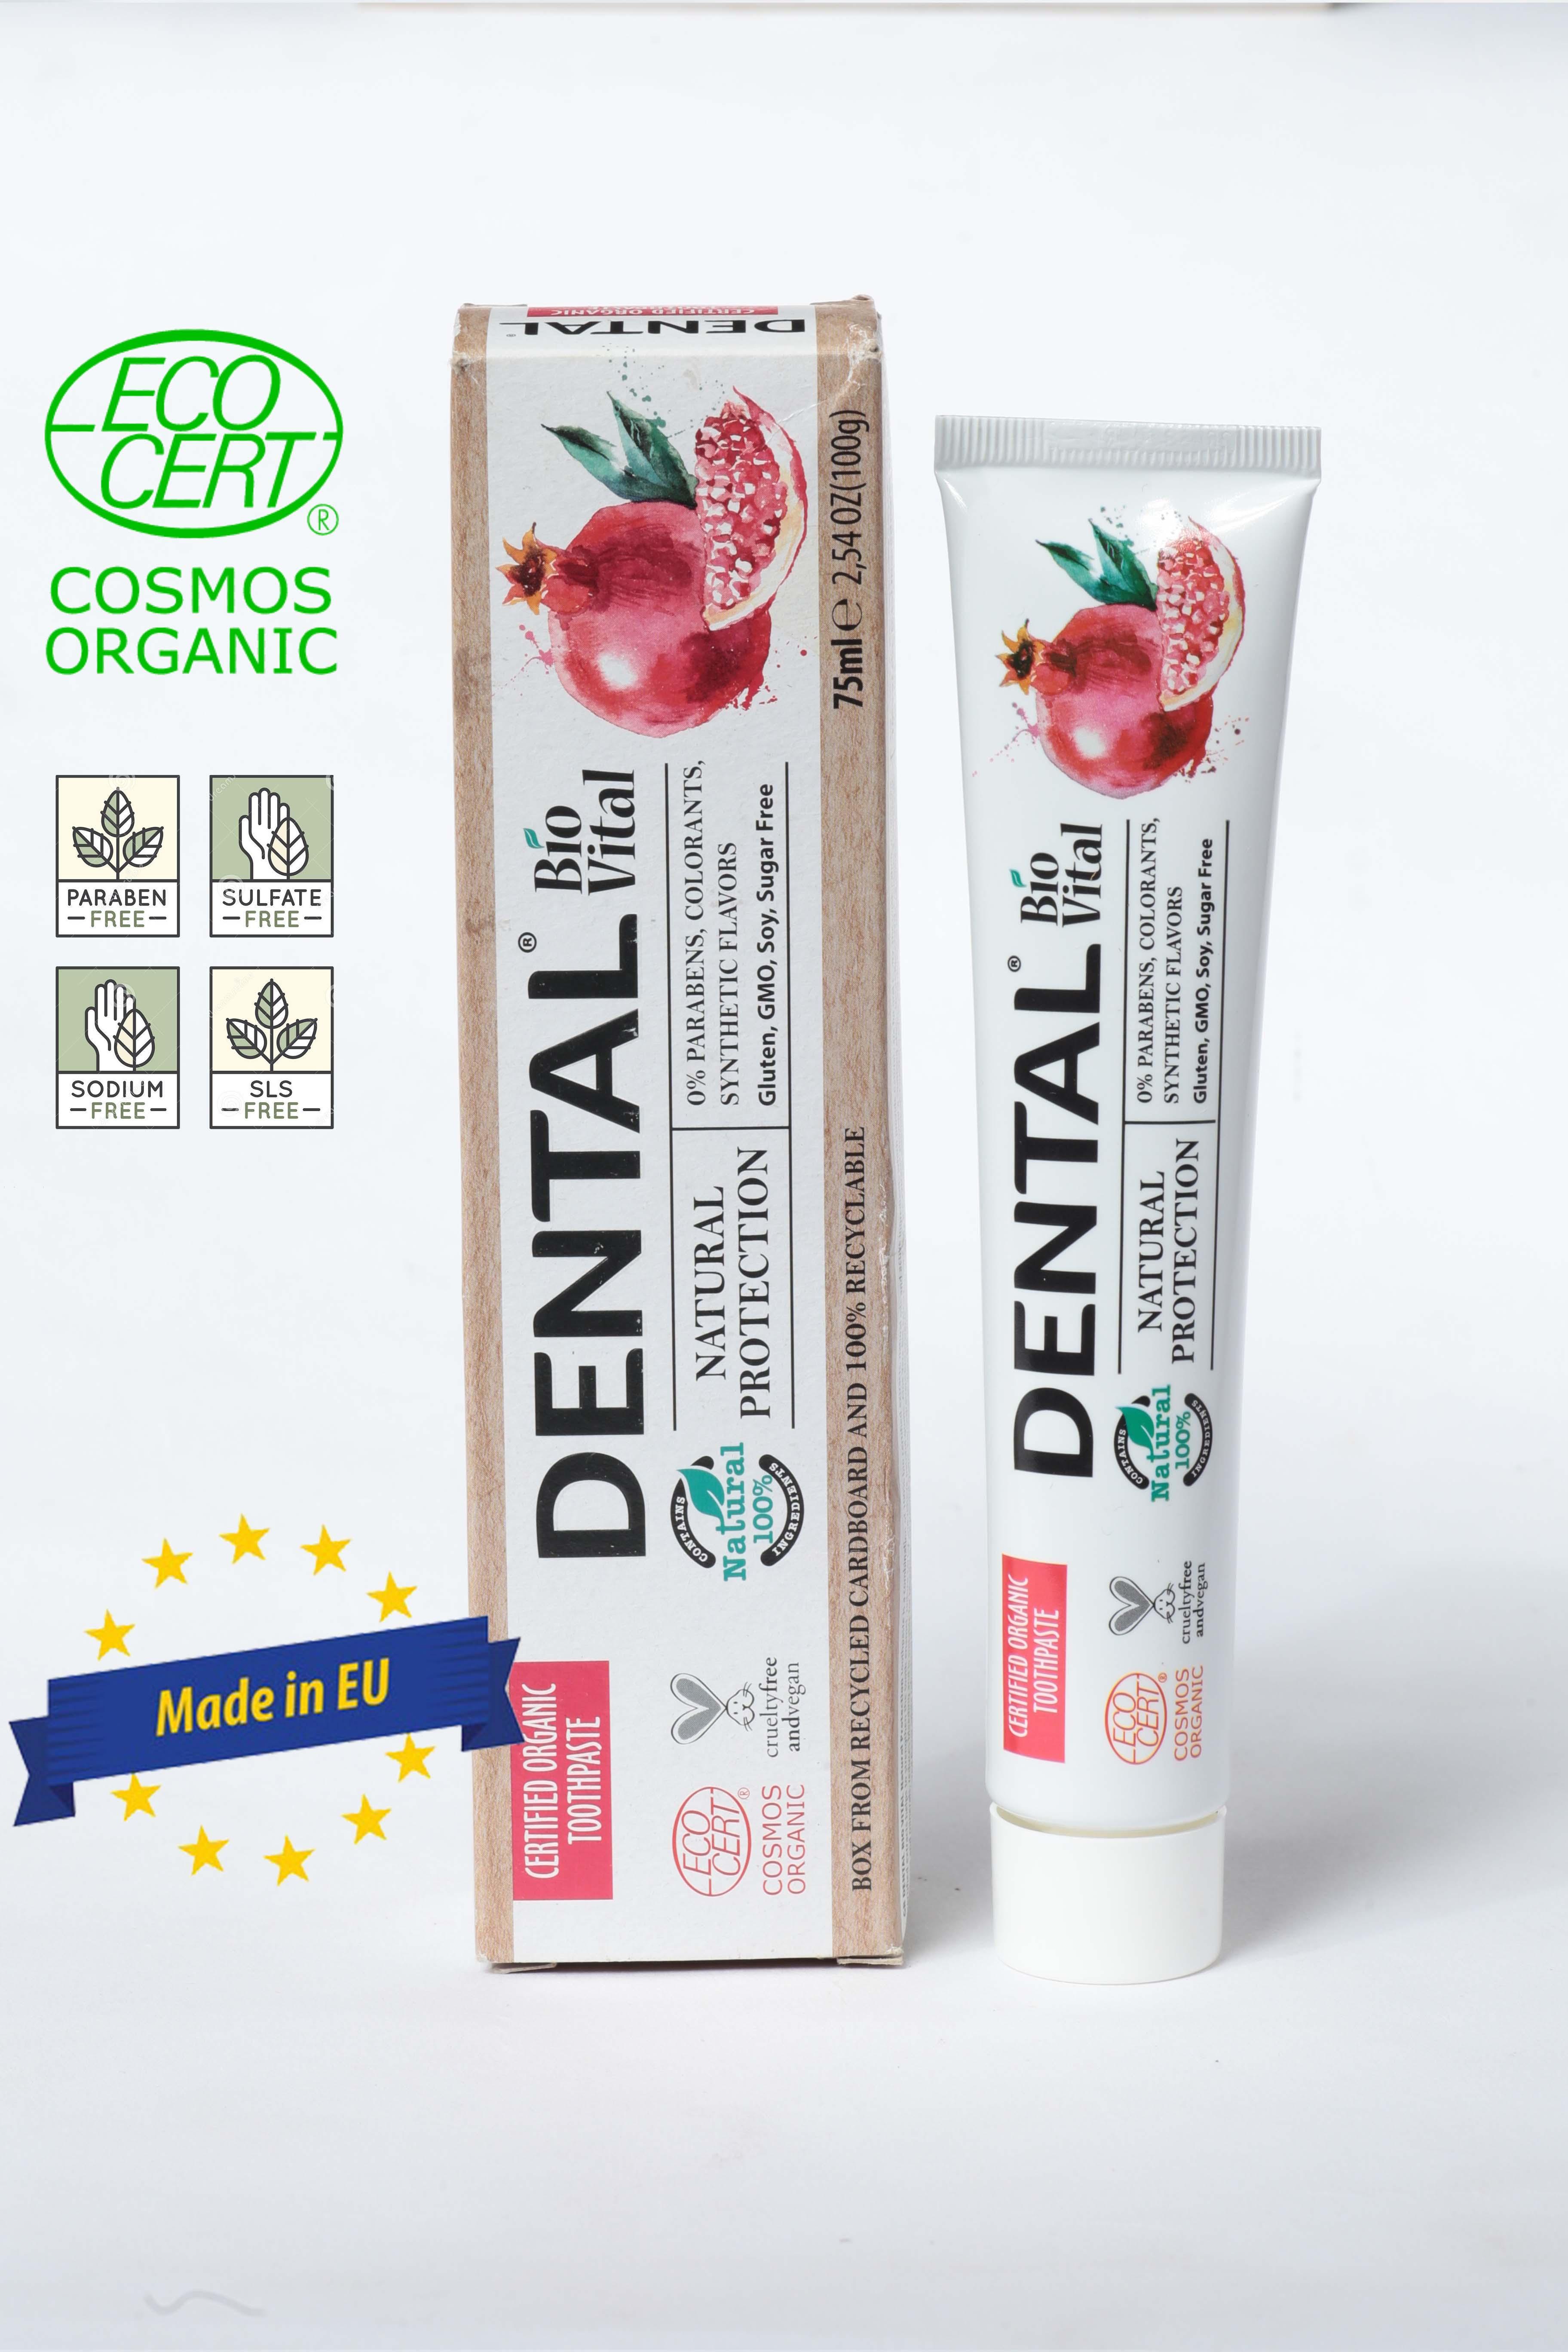 Kem Đánh Răng Hữu Cơ Nhập Khẩu Bảo Vệ Toàn Diện Dental Bio Vital Natural Protection